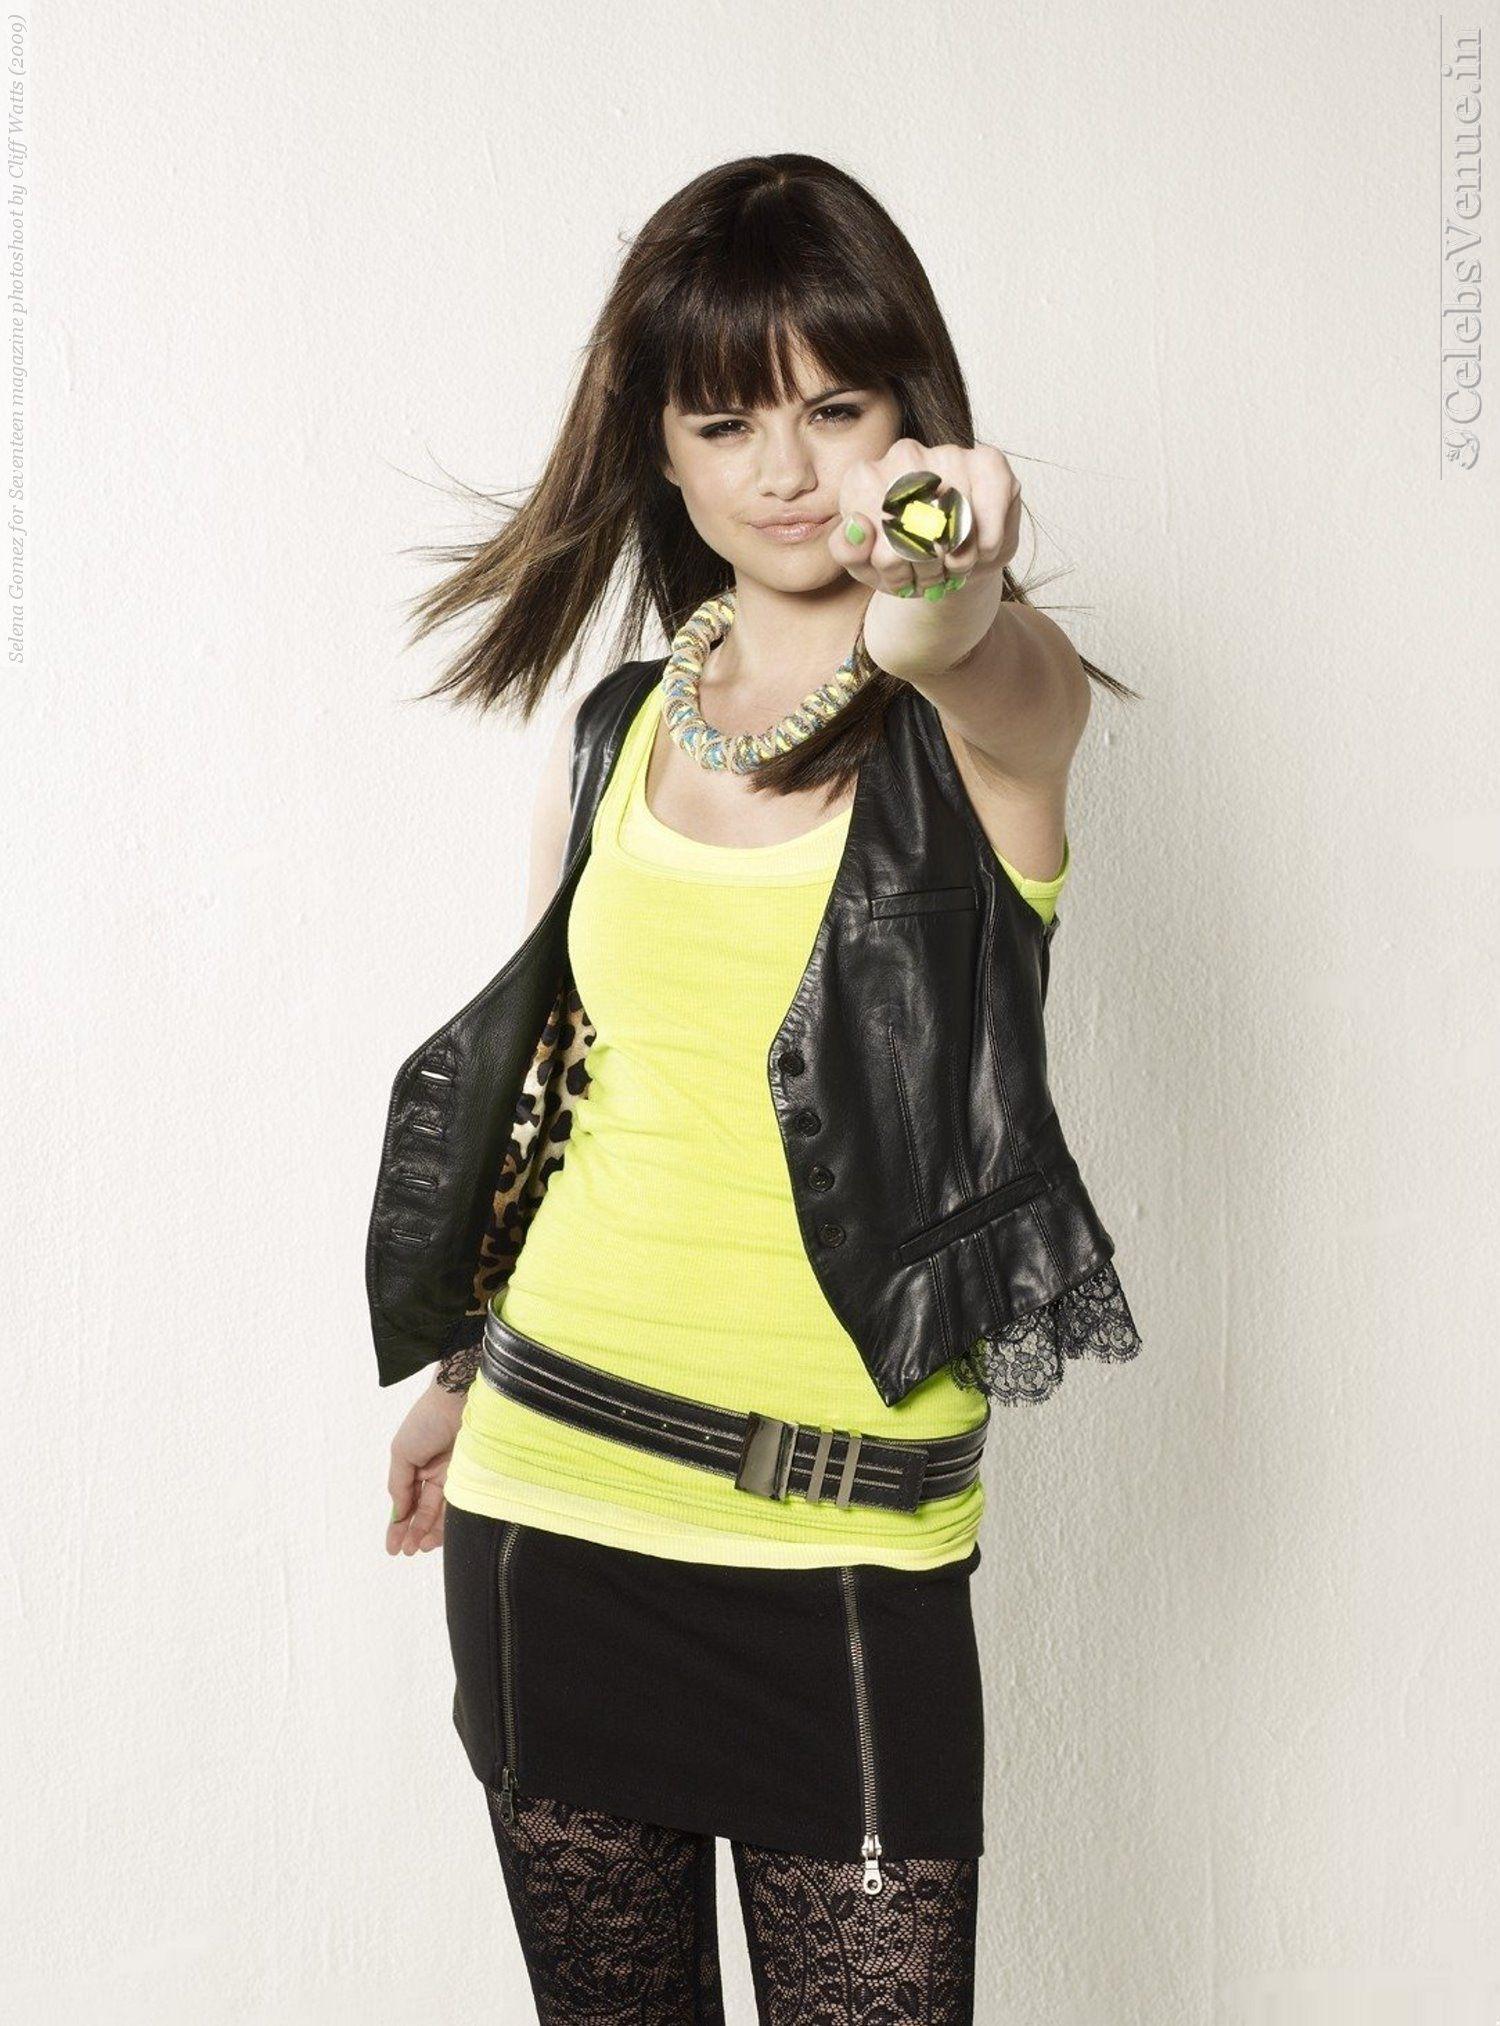 SELENA GOMEZ SEVENTEEN MAG PHOTOS | Selena Gomez for ...